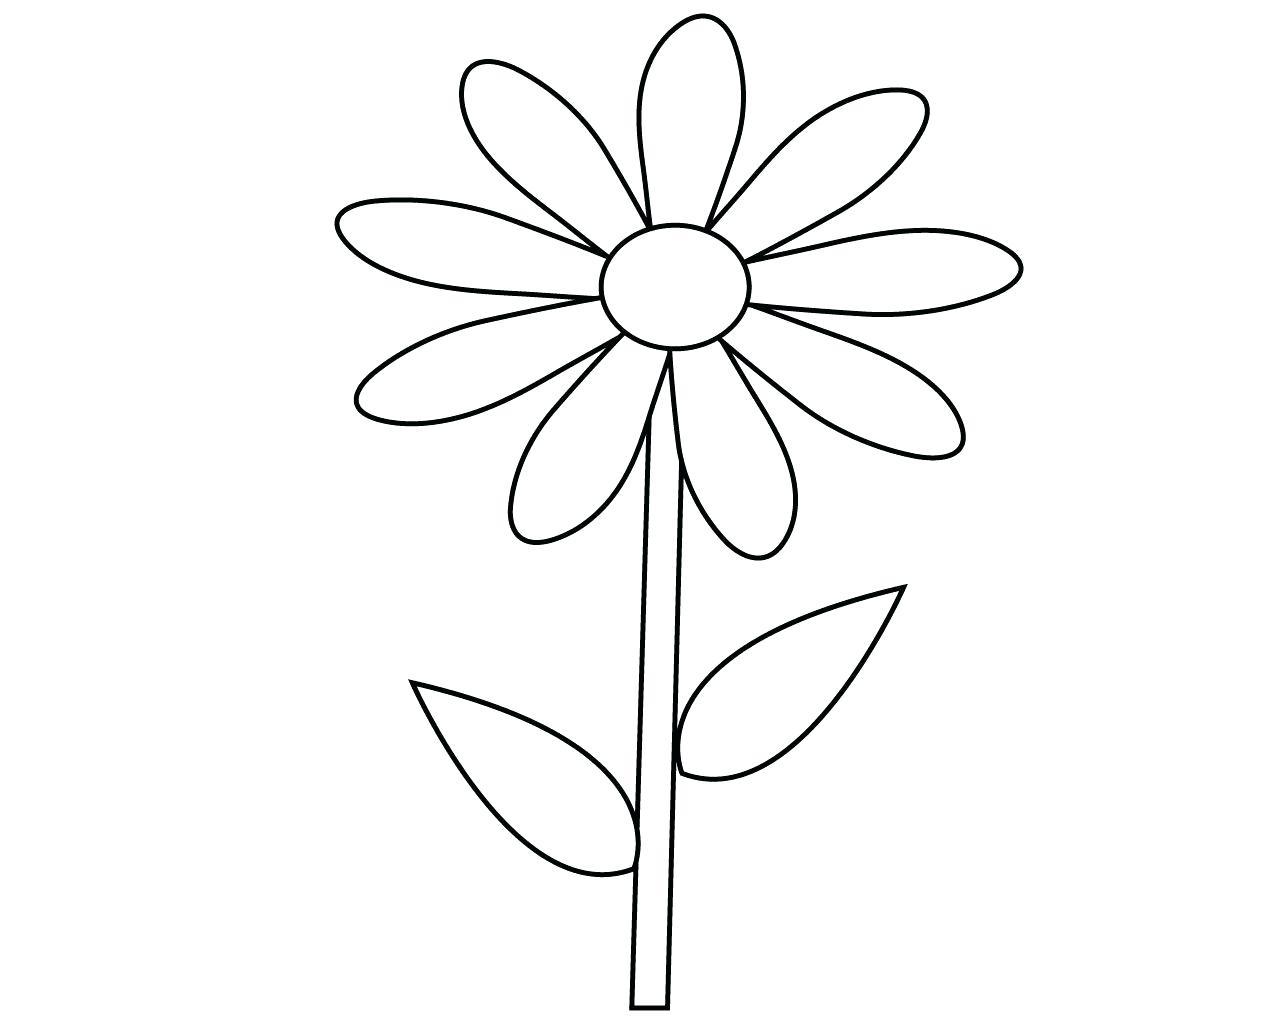 Tranh tô màu bông hoa đẹp cho bé